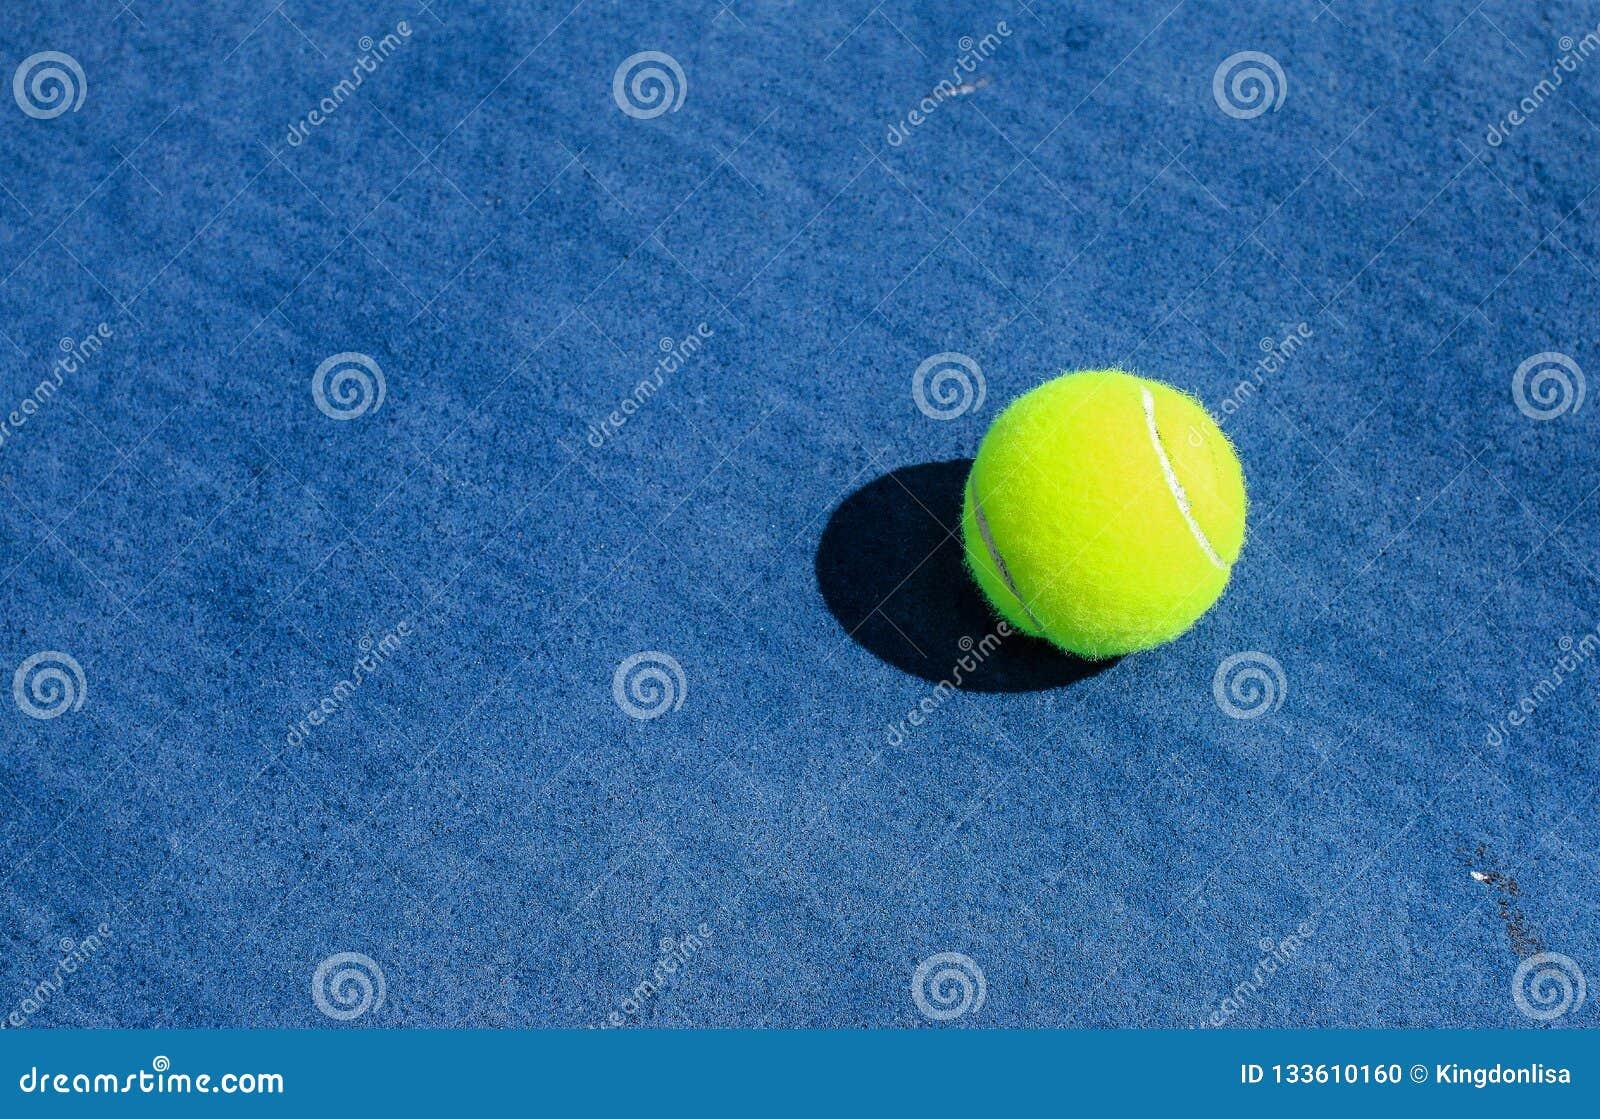 Bola de tênis na corte dura azul